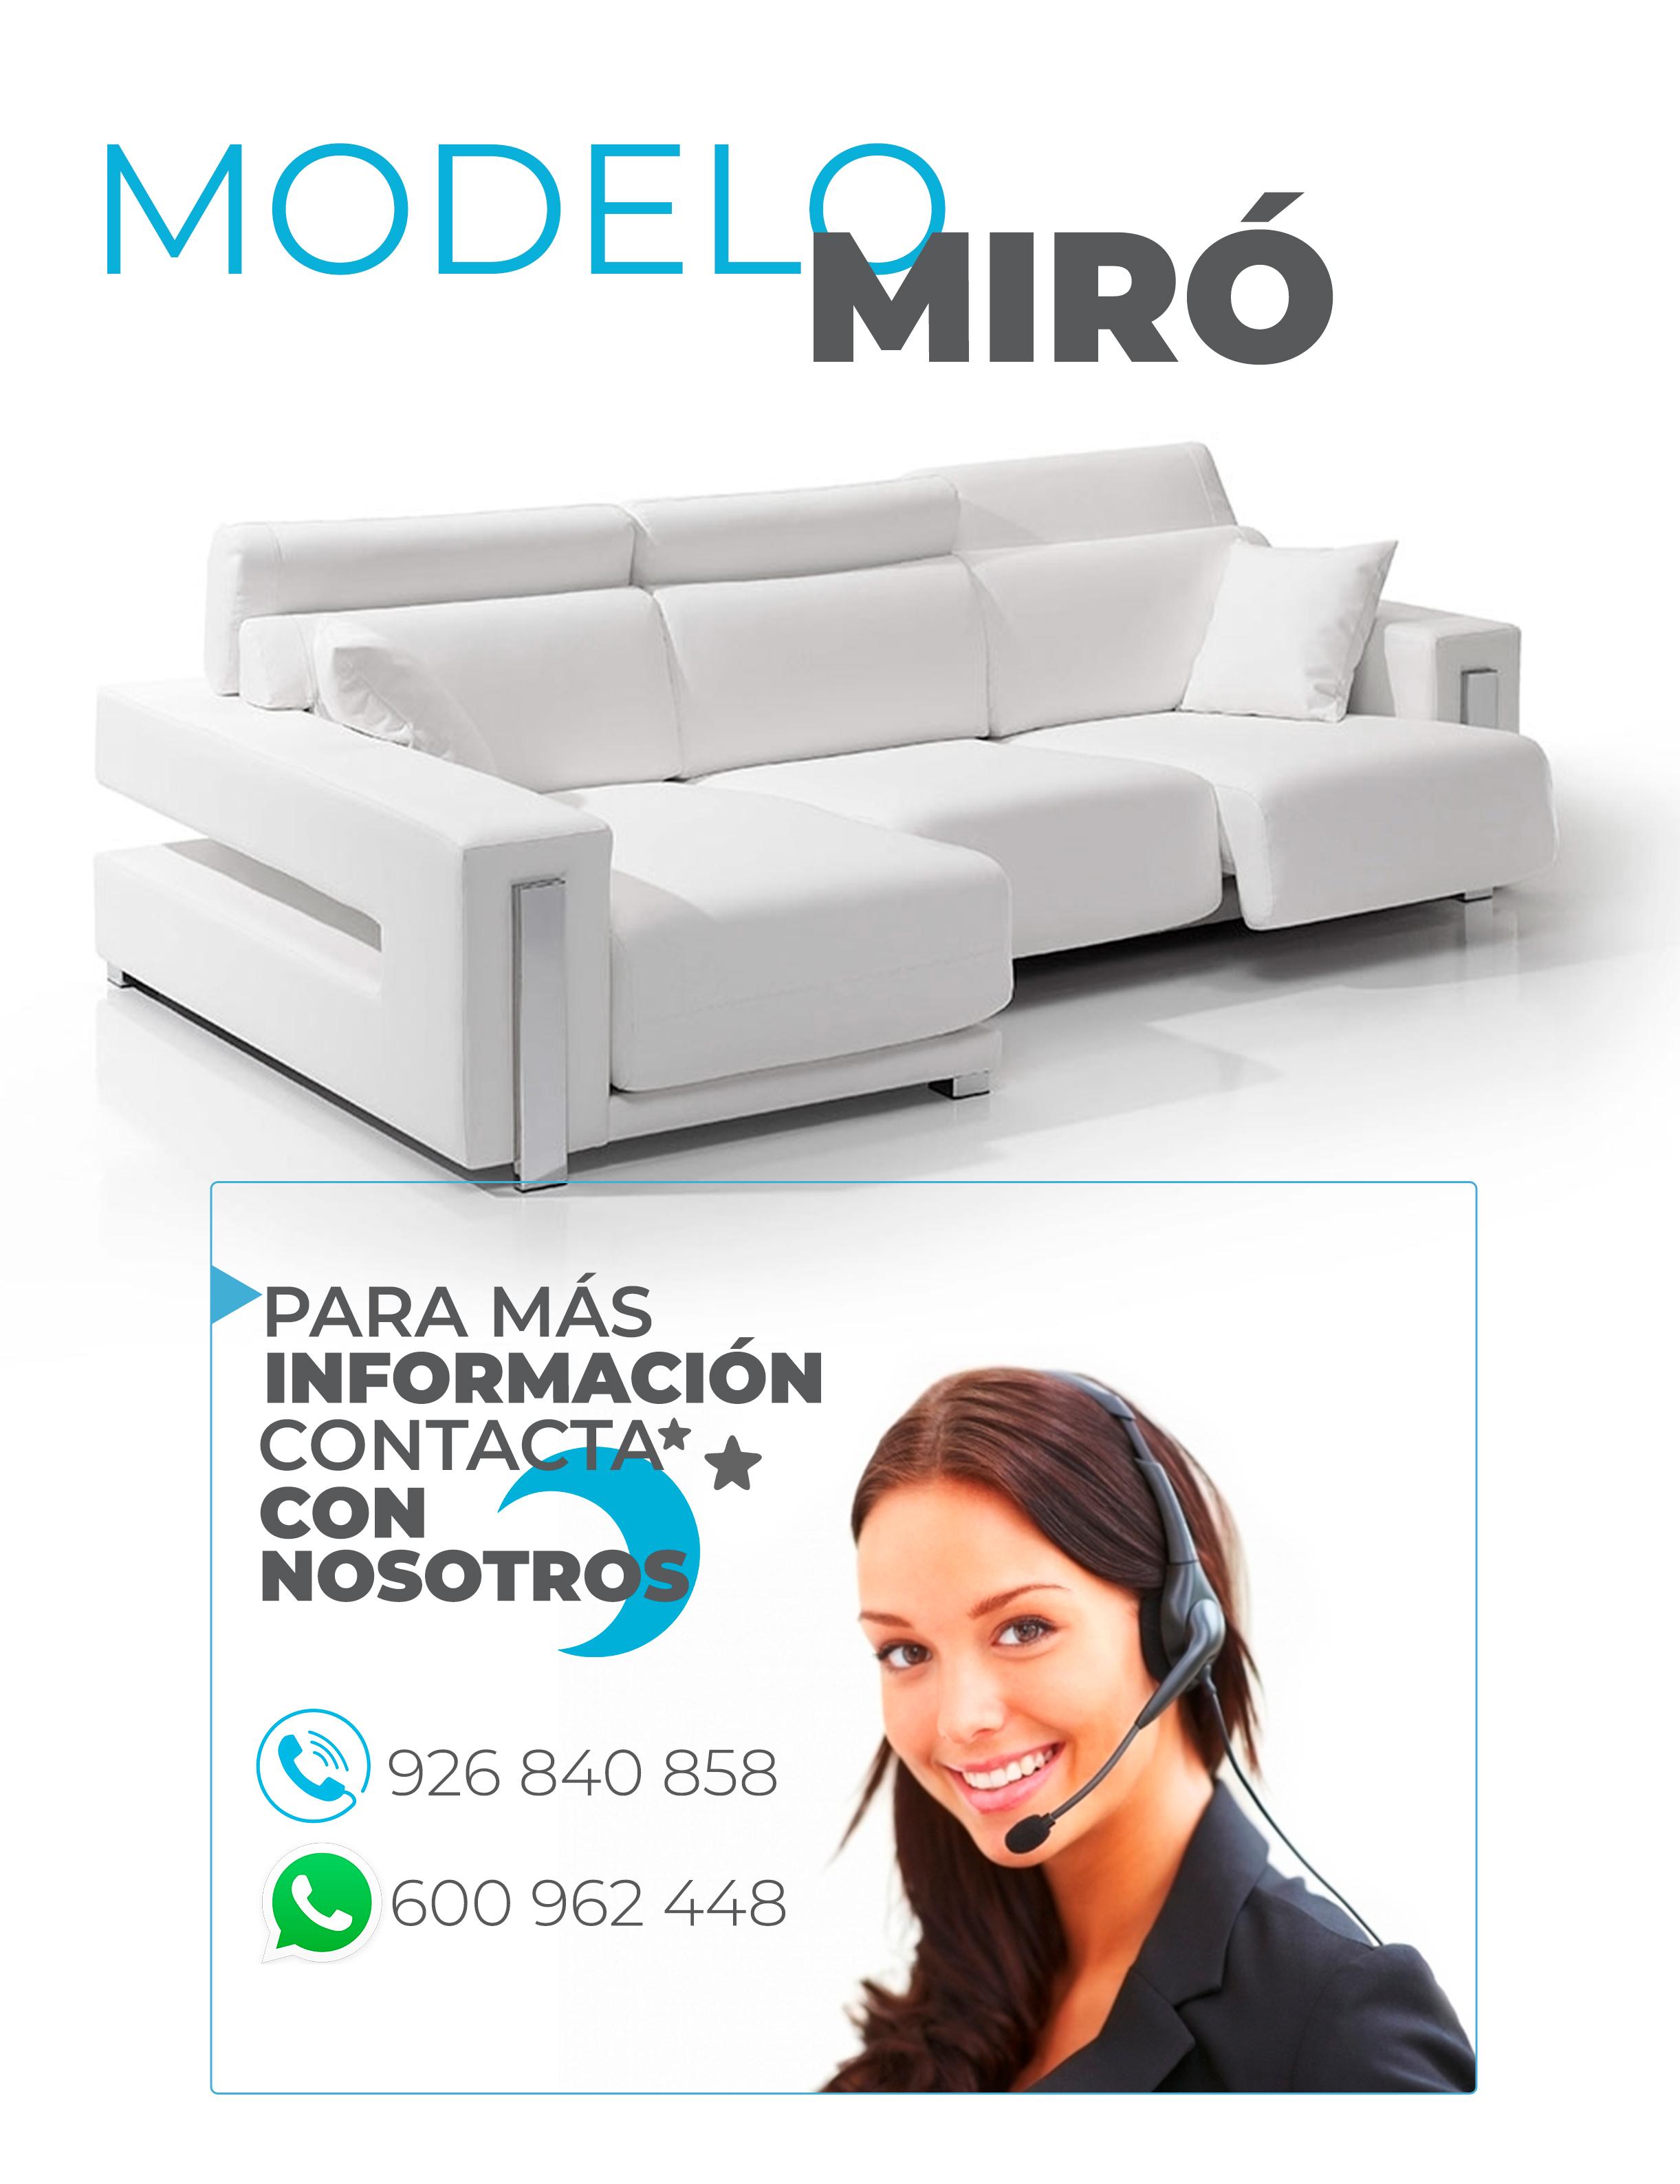 MODELO MIRÓ2.jpg